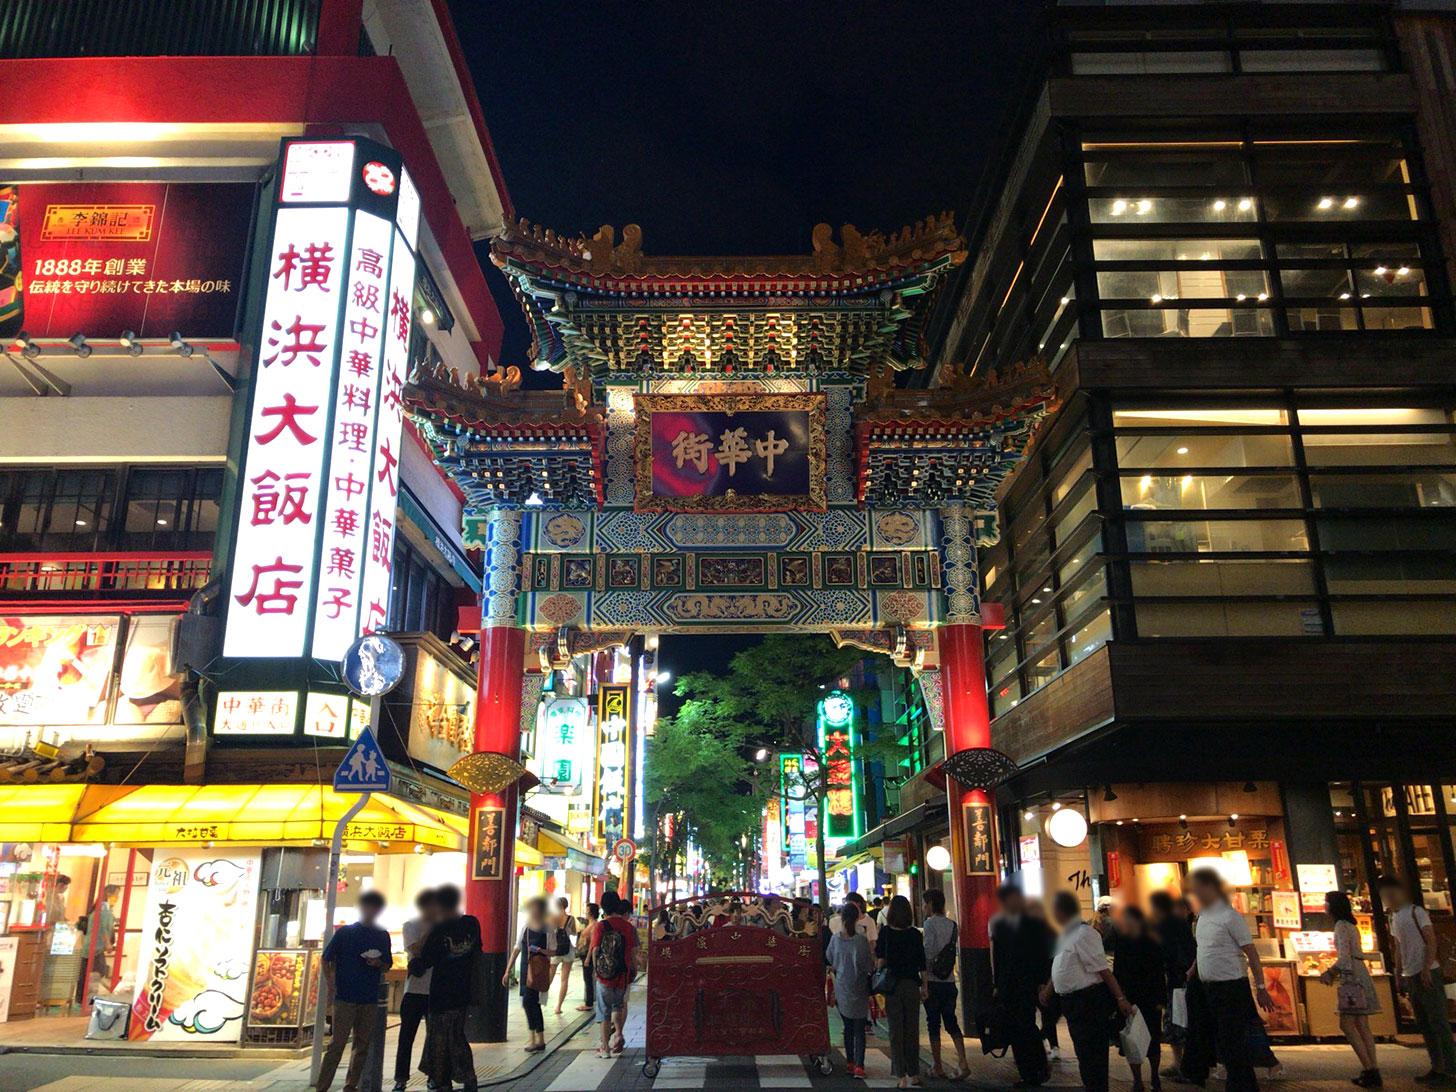 アド街ック天国「通の横浜中華街」で紹介されたグルメやスポットまとめ